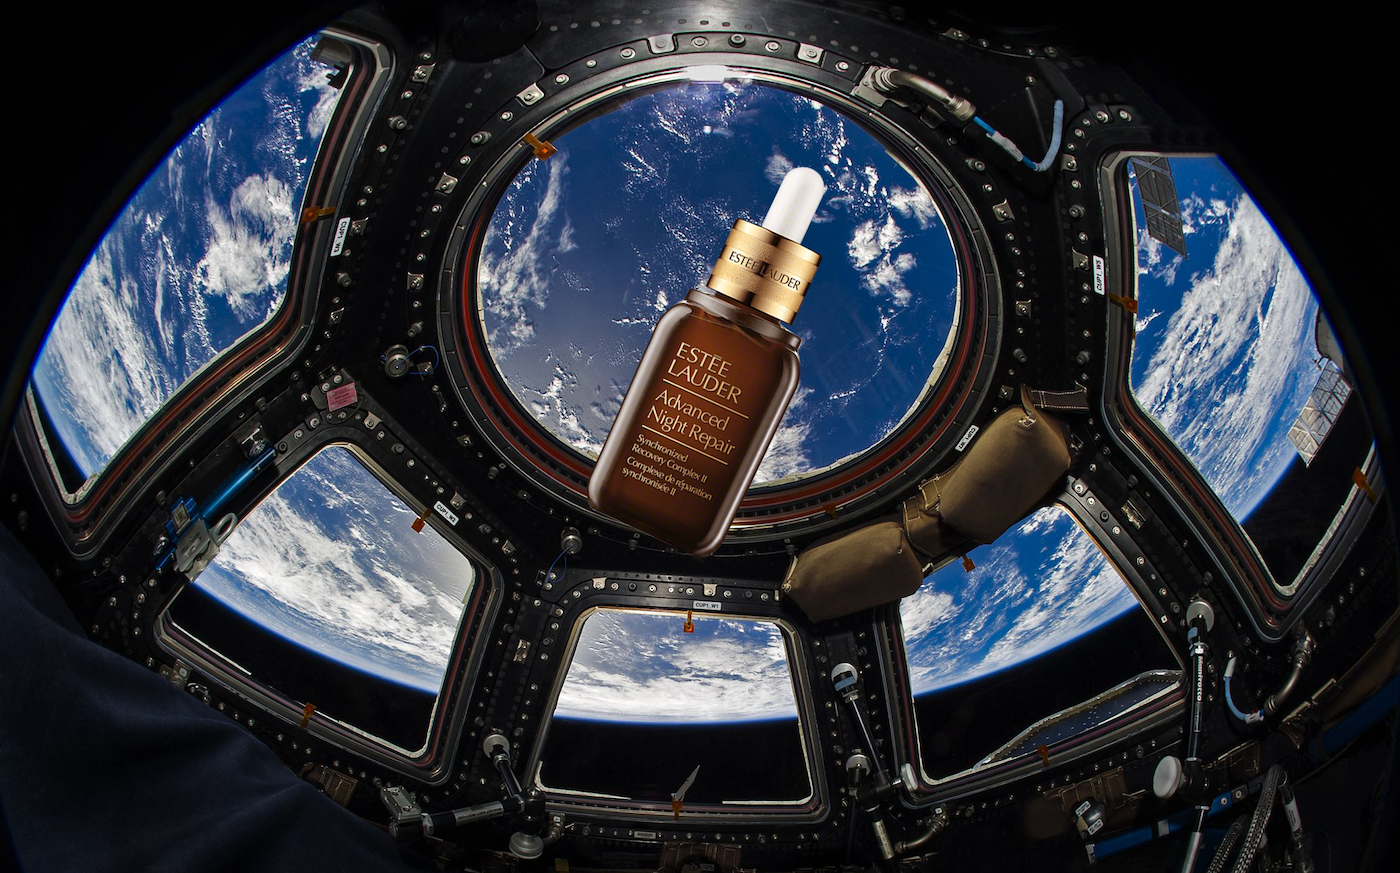 Estée Laudera a payé la NASA 120 000 $ pour un shooting photo dans l'espace